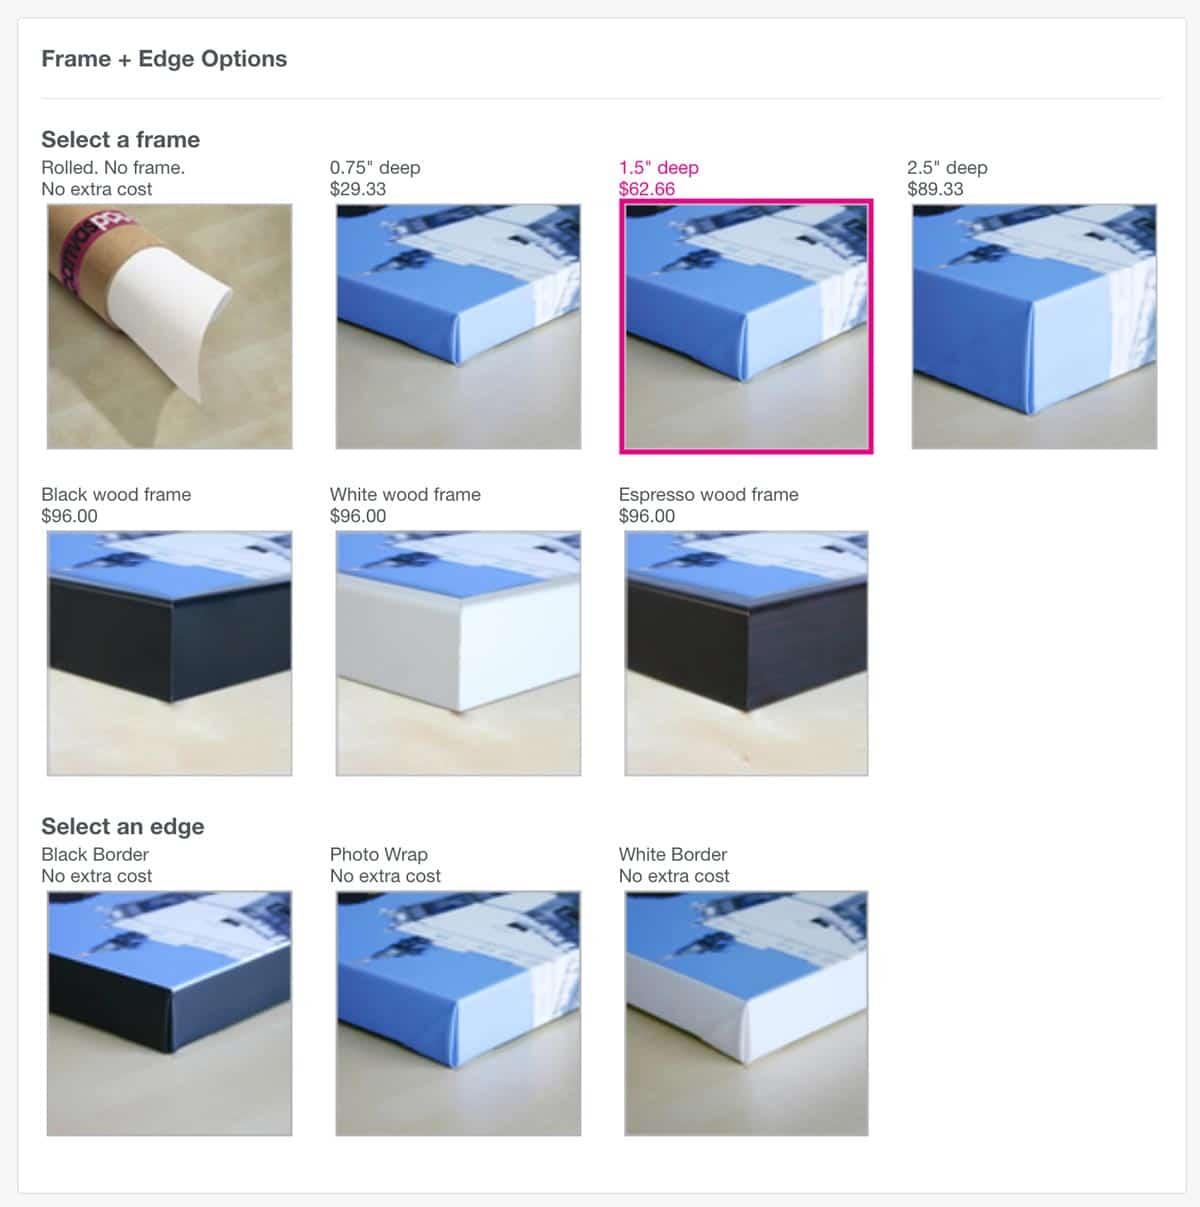 CanvasPop Print Service Review